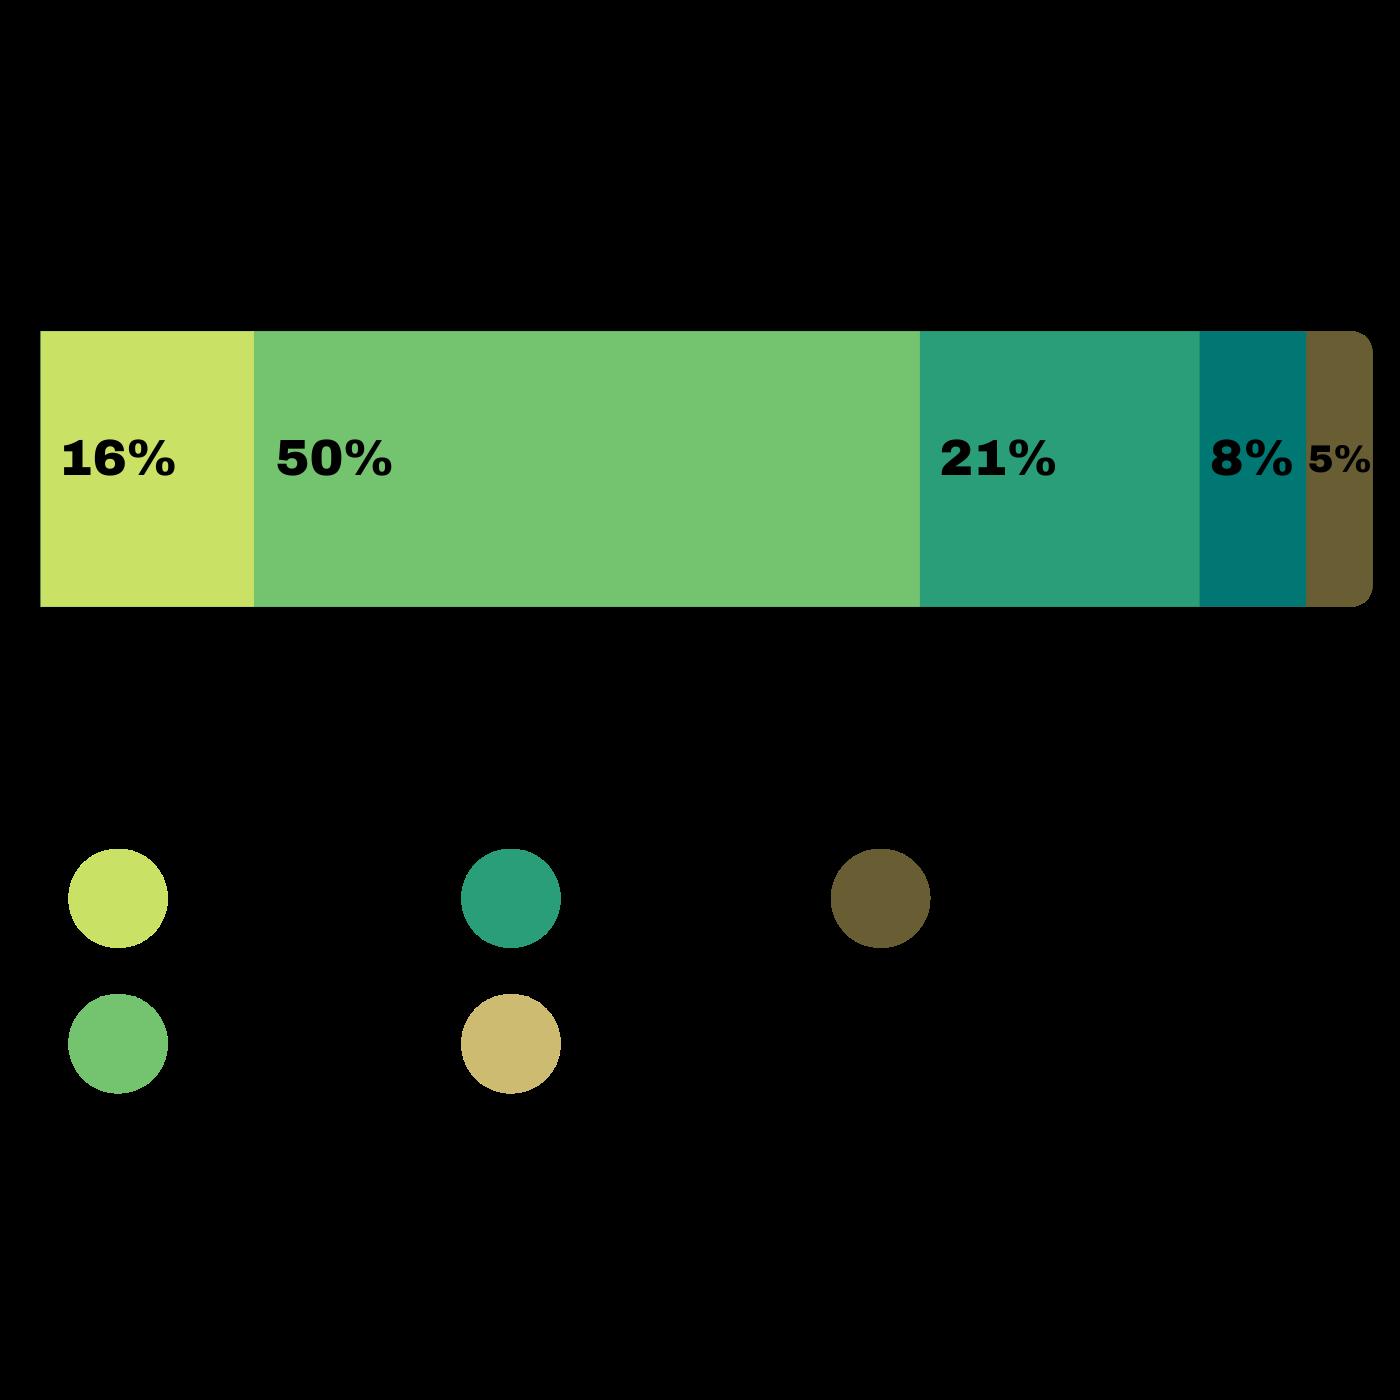 El Sistema De Recogida De Basura En Santa Tecla Las Calles, Más Limpias. Evaluación recolección basura. Infografía. Roberto d'Aubuisson. 2021